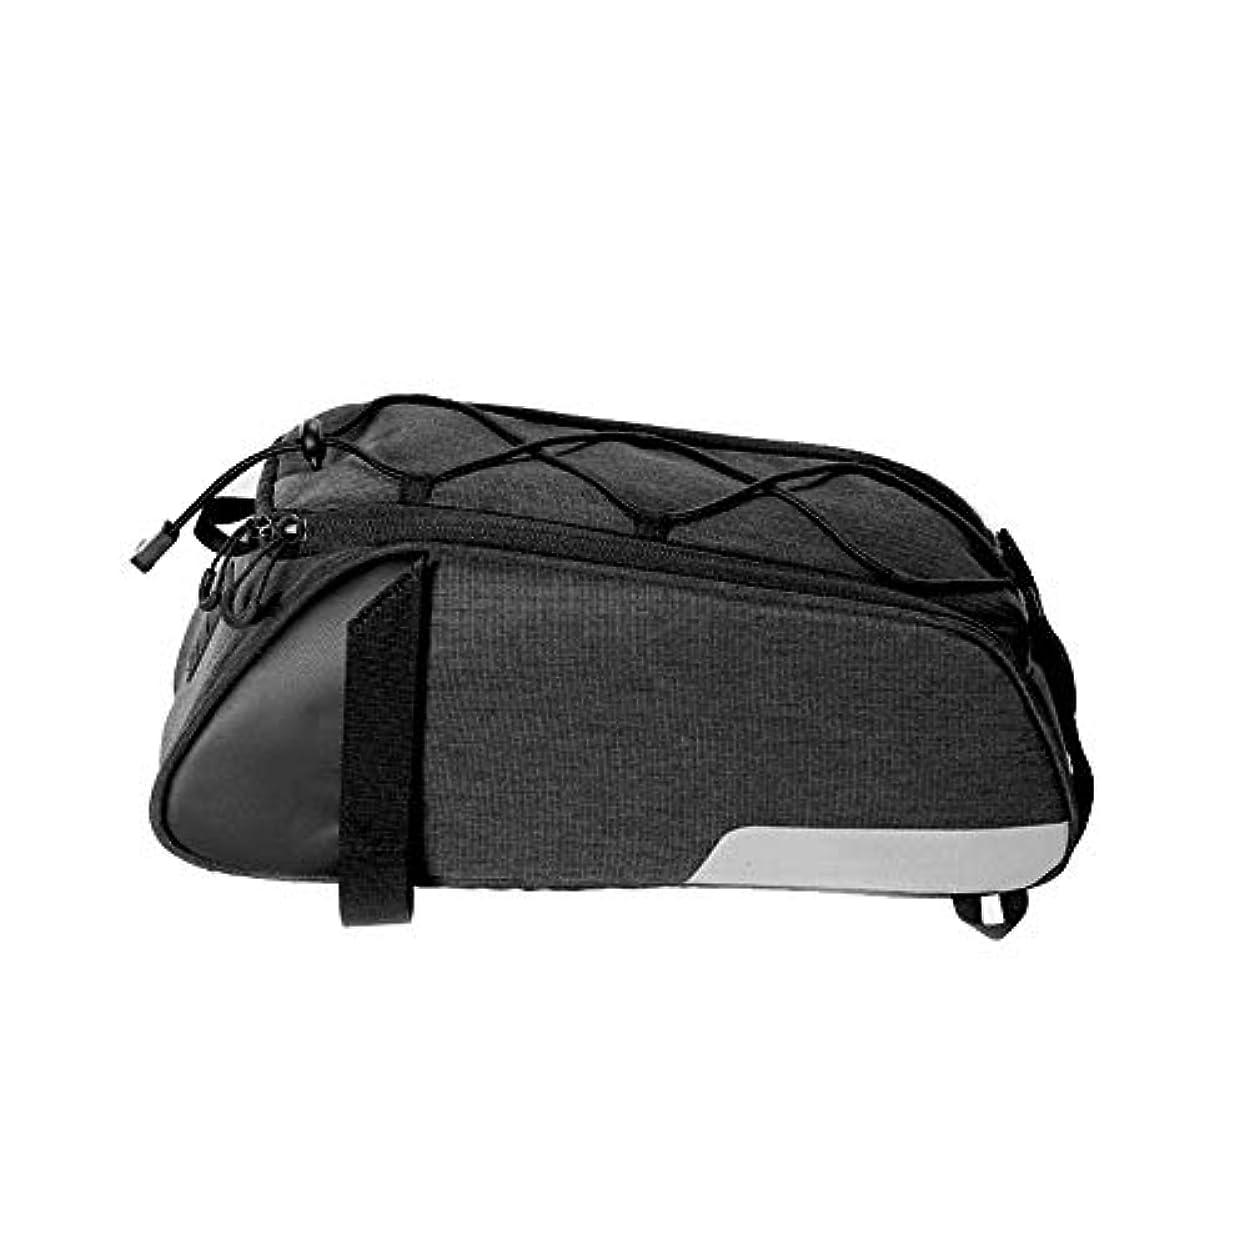 カテゴリー徐々に散髪自転車バイクリアシートトランクバッグ 十分に防水屋外MTBのロードバイクのための多機能の自転車の後部座席袋 サイクリングアクセサリー (Color : Black, Size : 33*14*12.5)